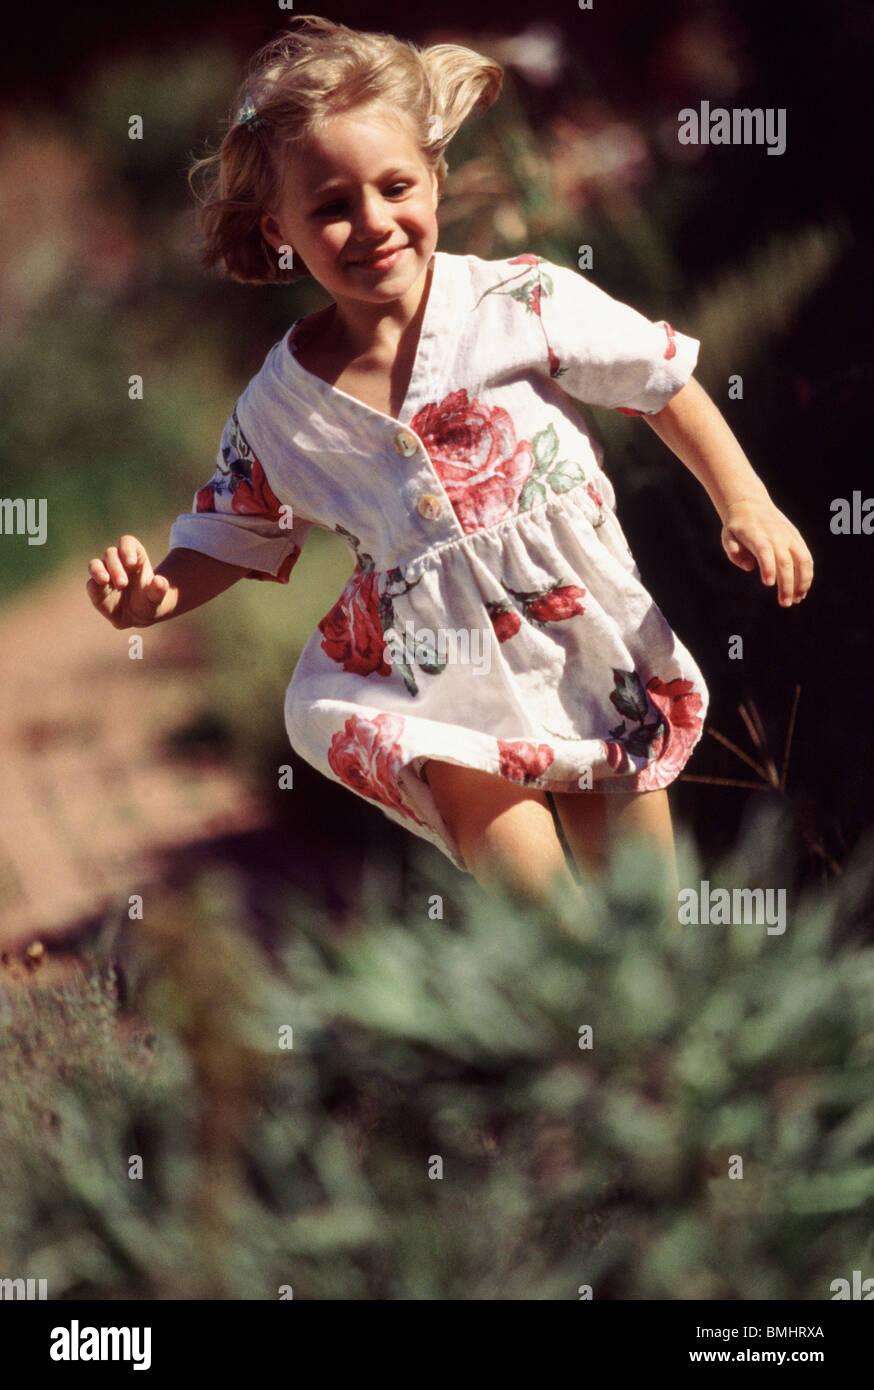 Junge Mädchen laufen außerhalb Stockbild